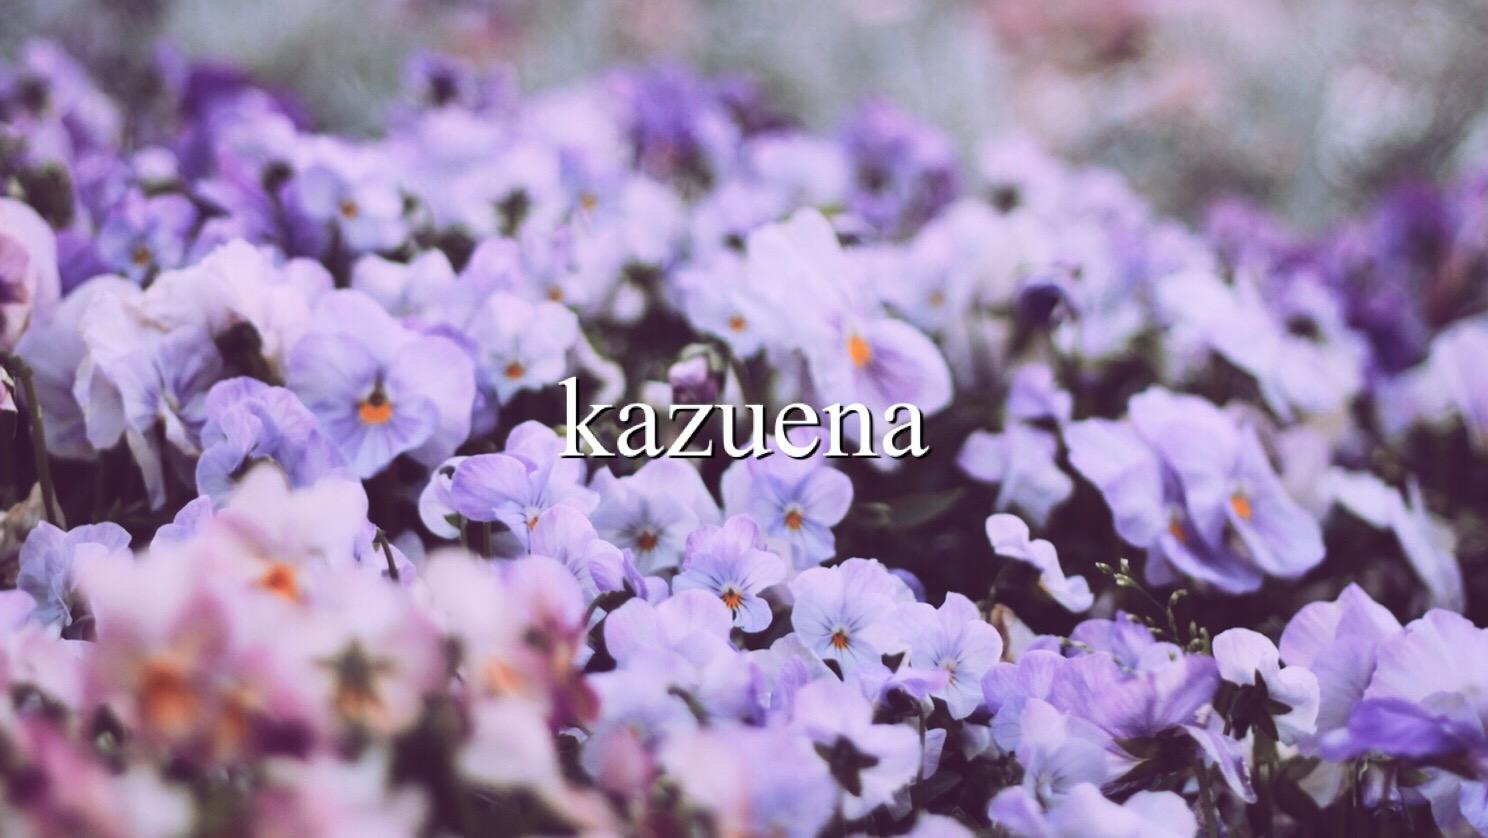 kazuena